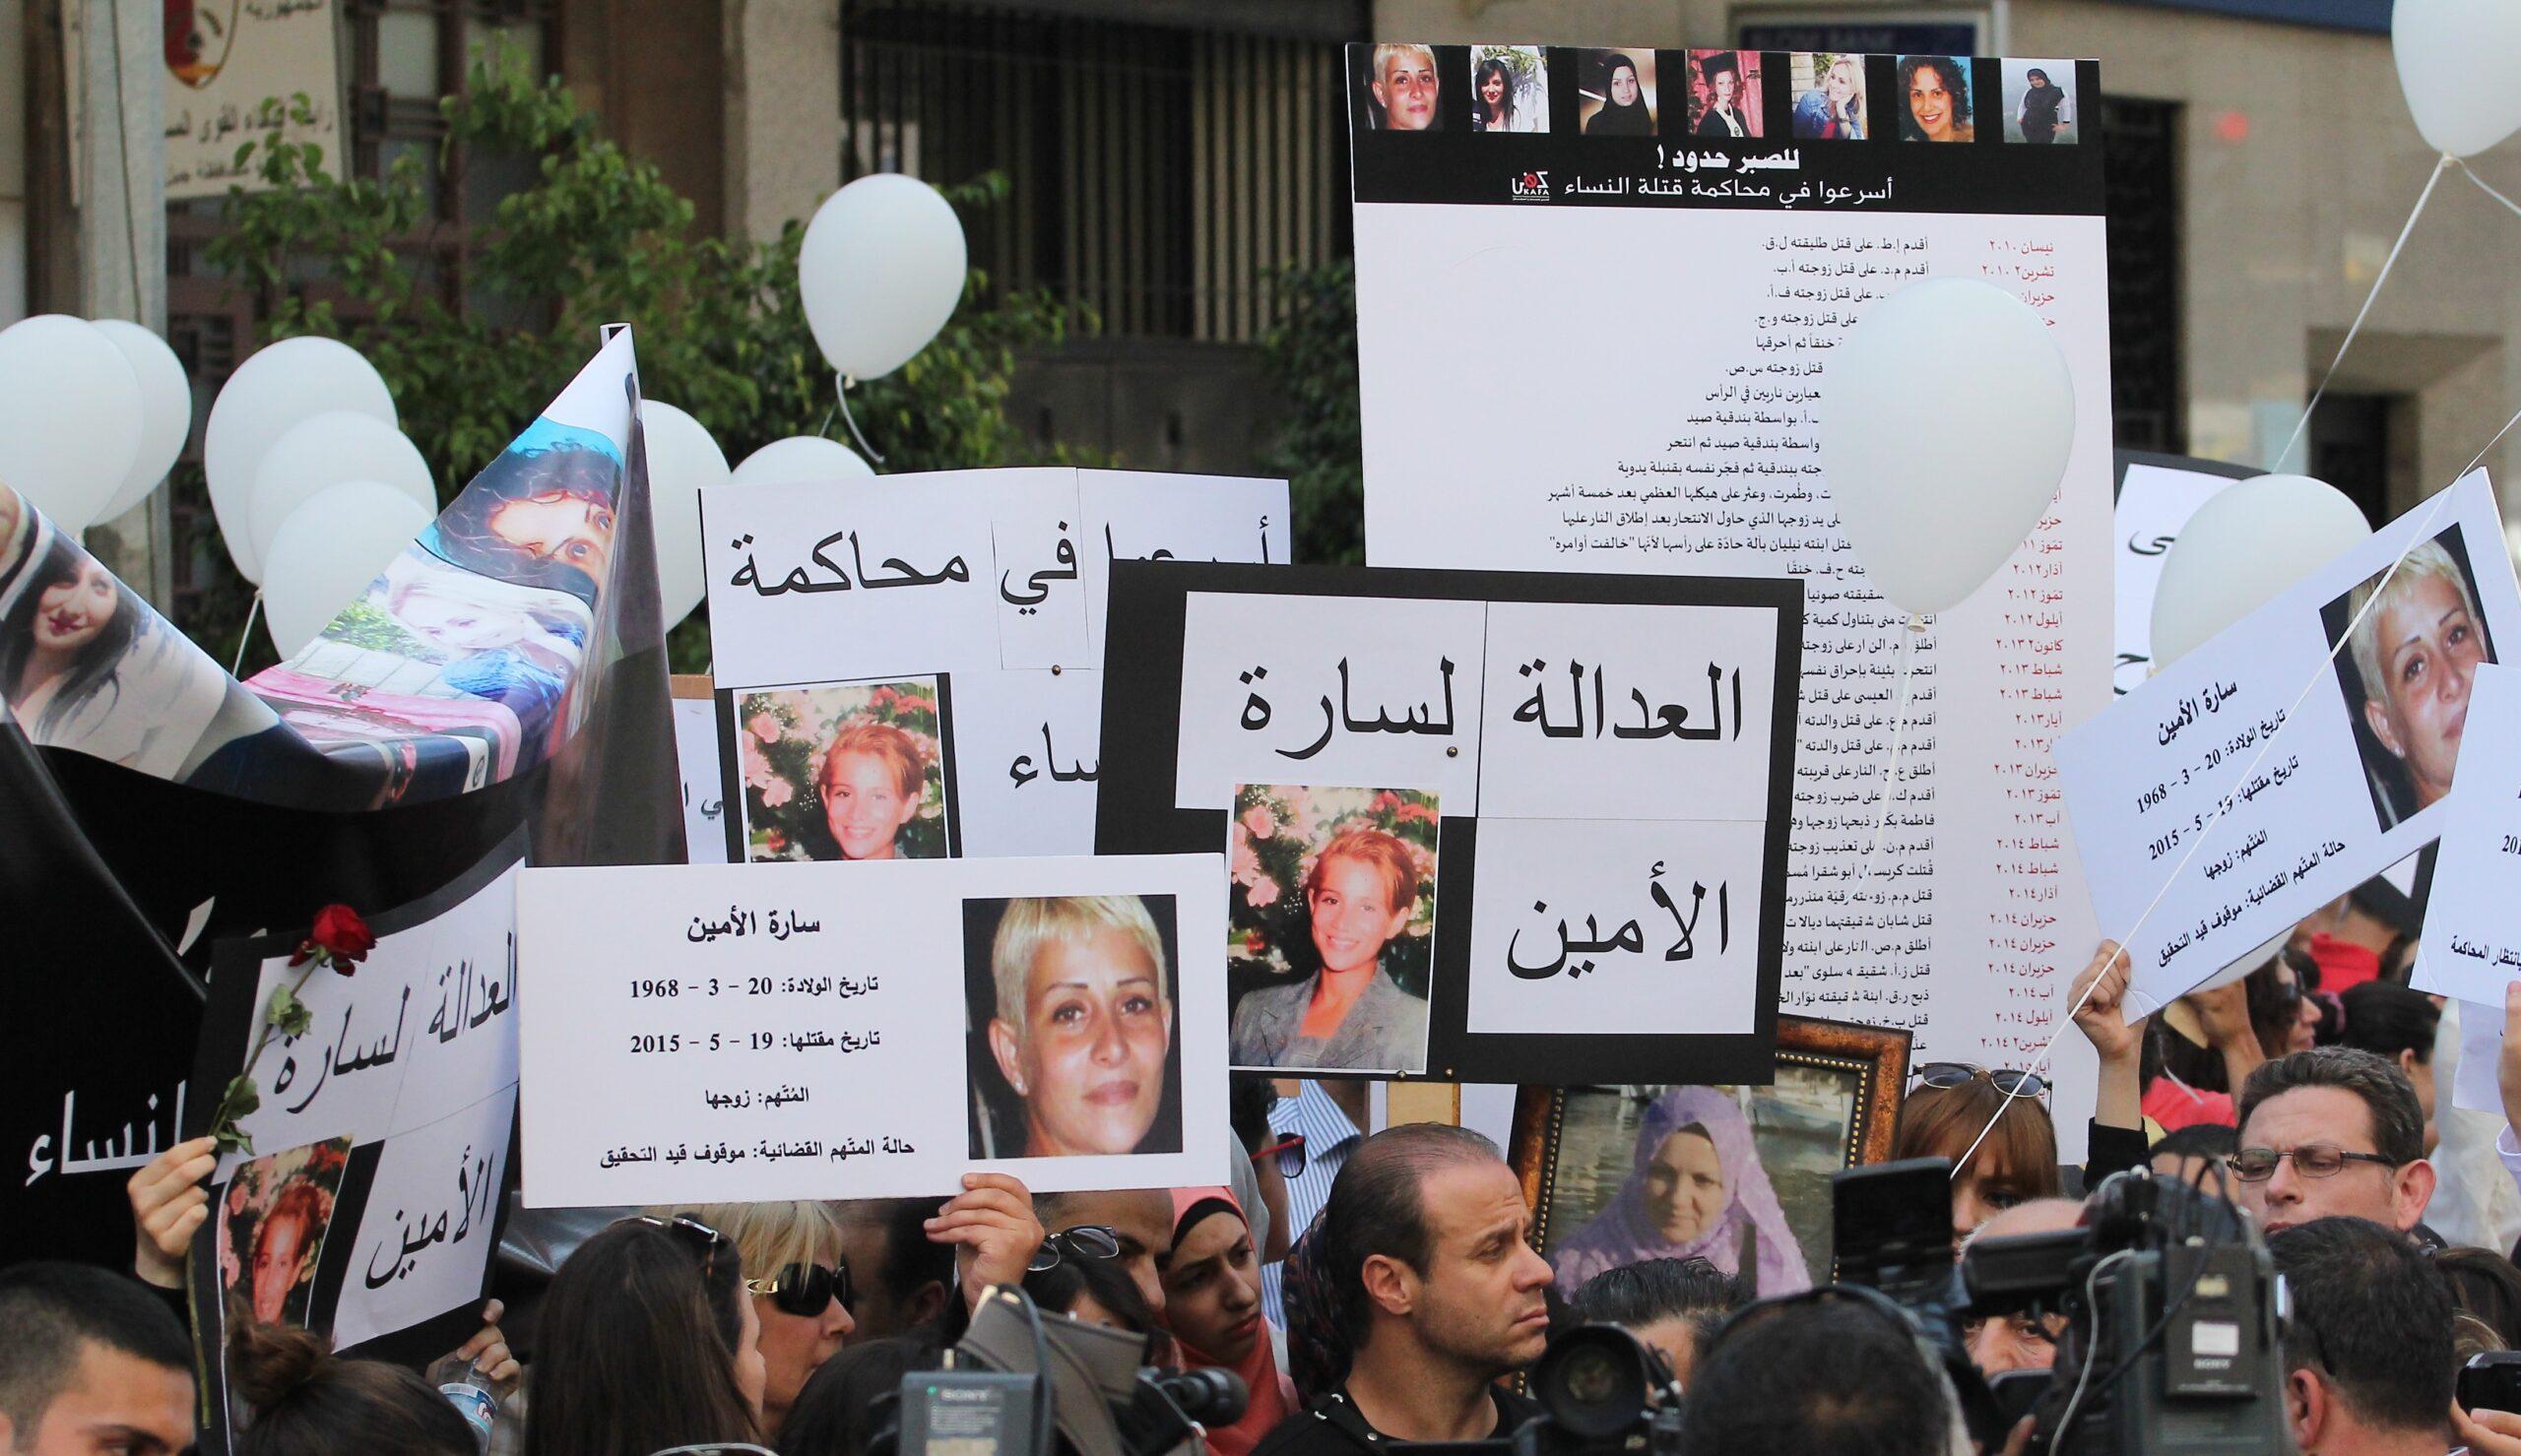 """إبن سارة الأمين أمام المحكمة: """"أنا شاهدت أبي يقتل أمي"""""""